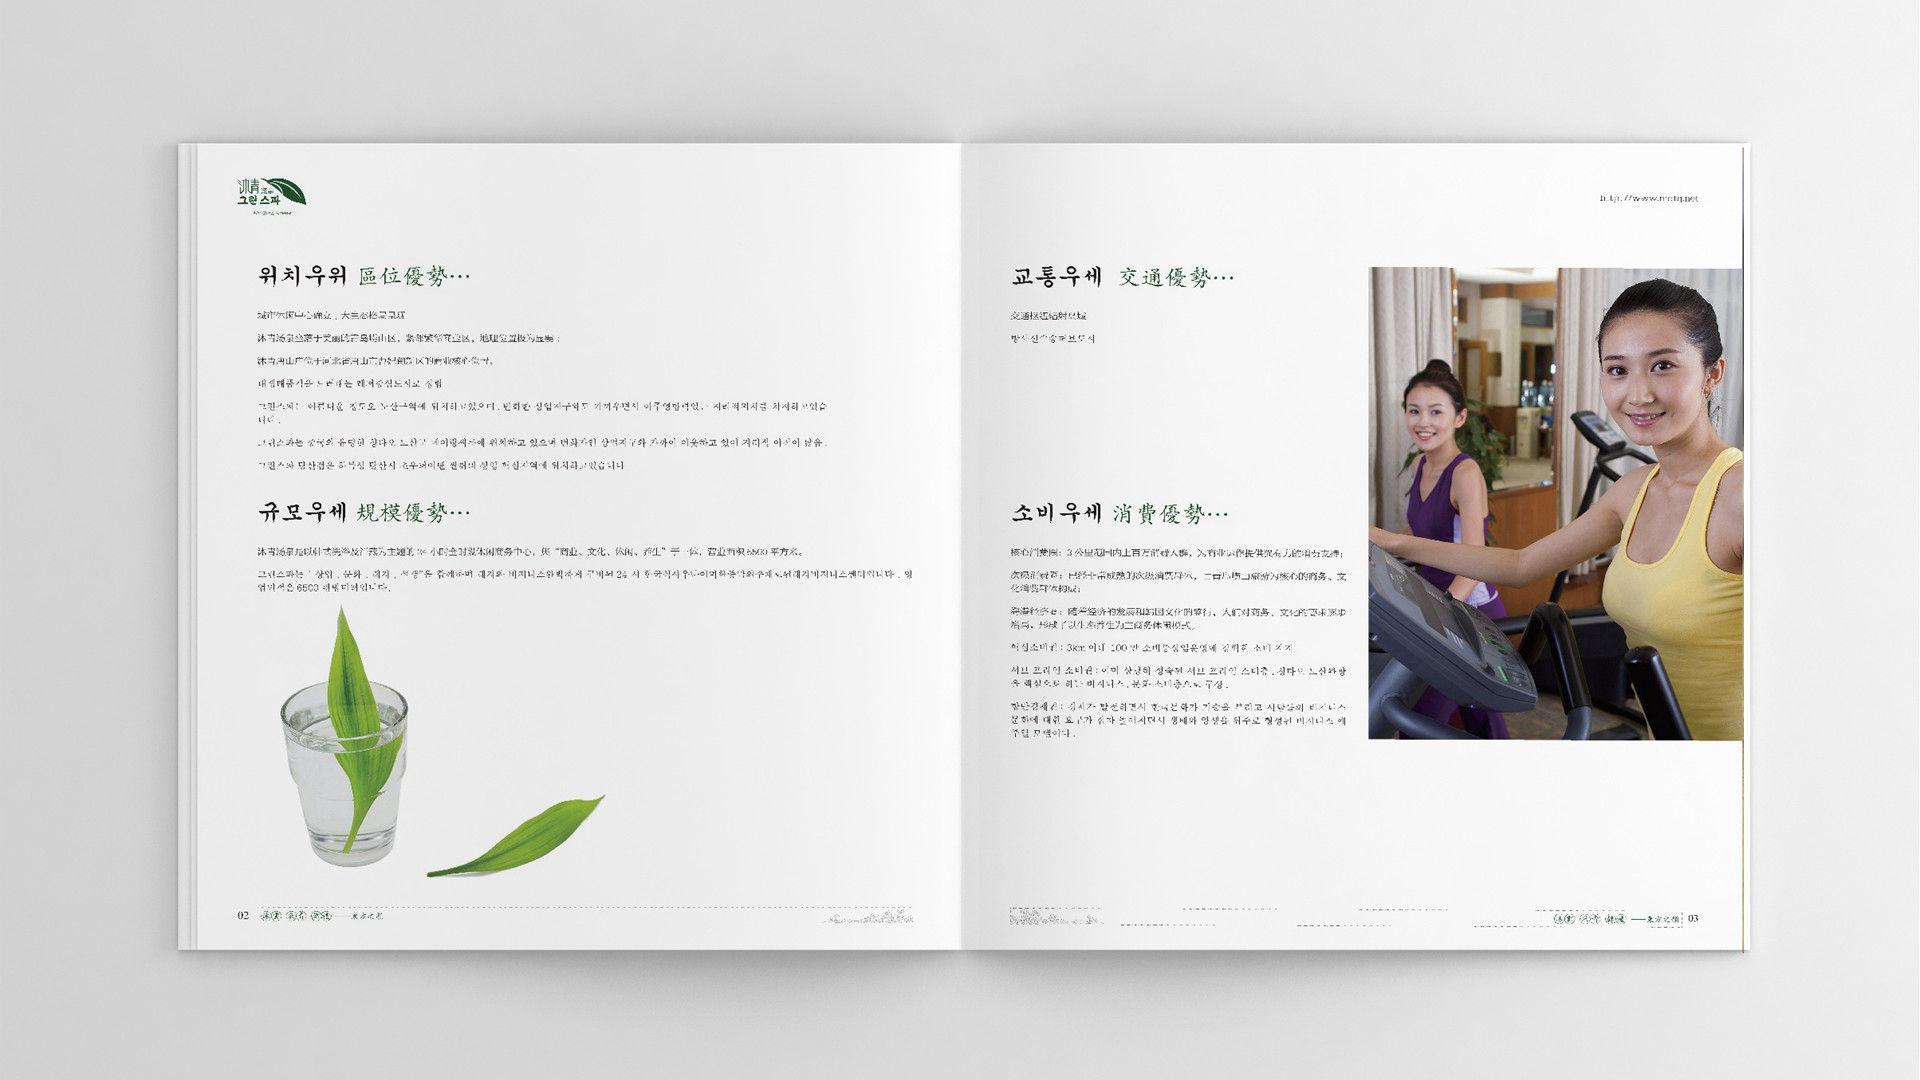 济南画册设计, 中国品牌设计公司50强, 十七年历史专业公司,济南视觉